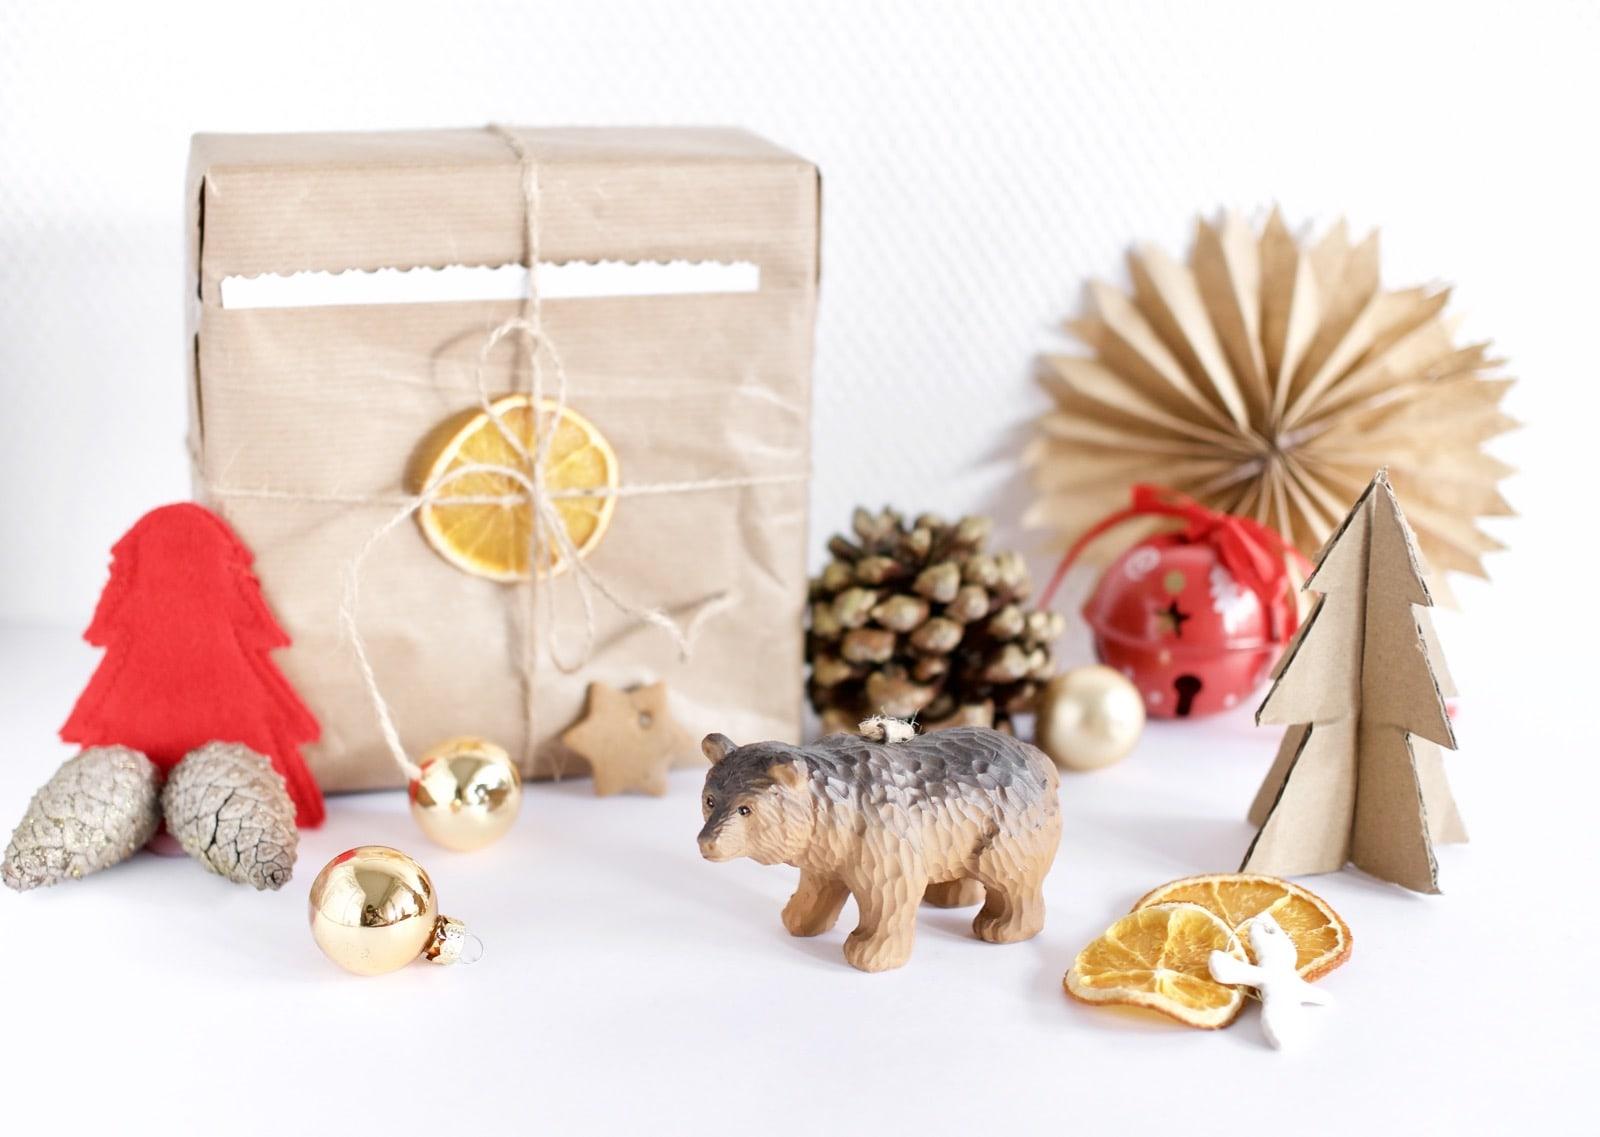 30 Idees De Cadeaux Pour Un Noel Plus Green Plus Slow Presque